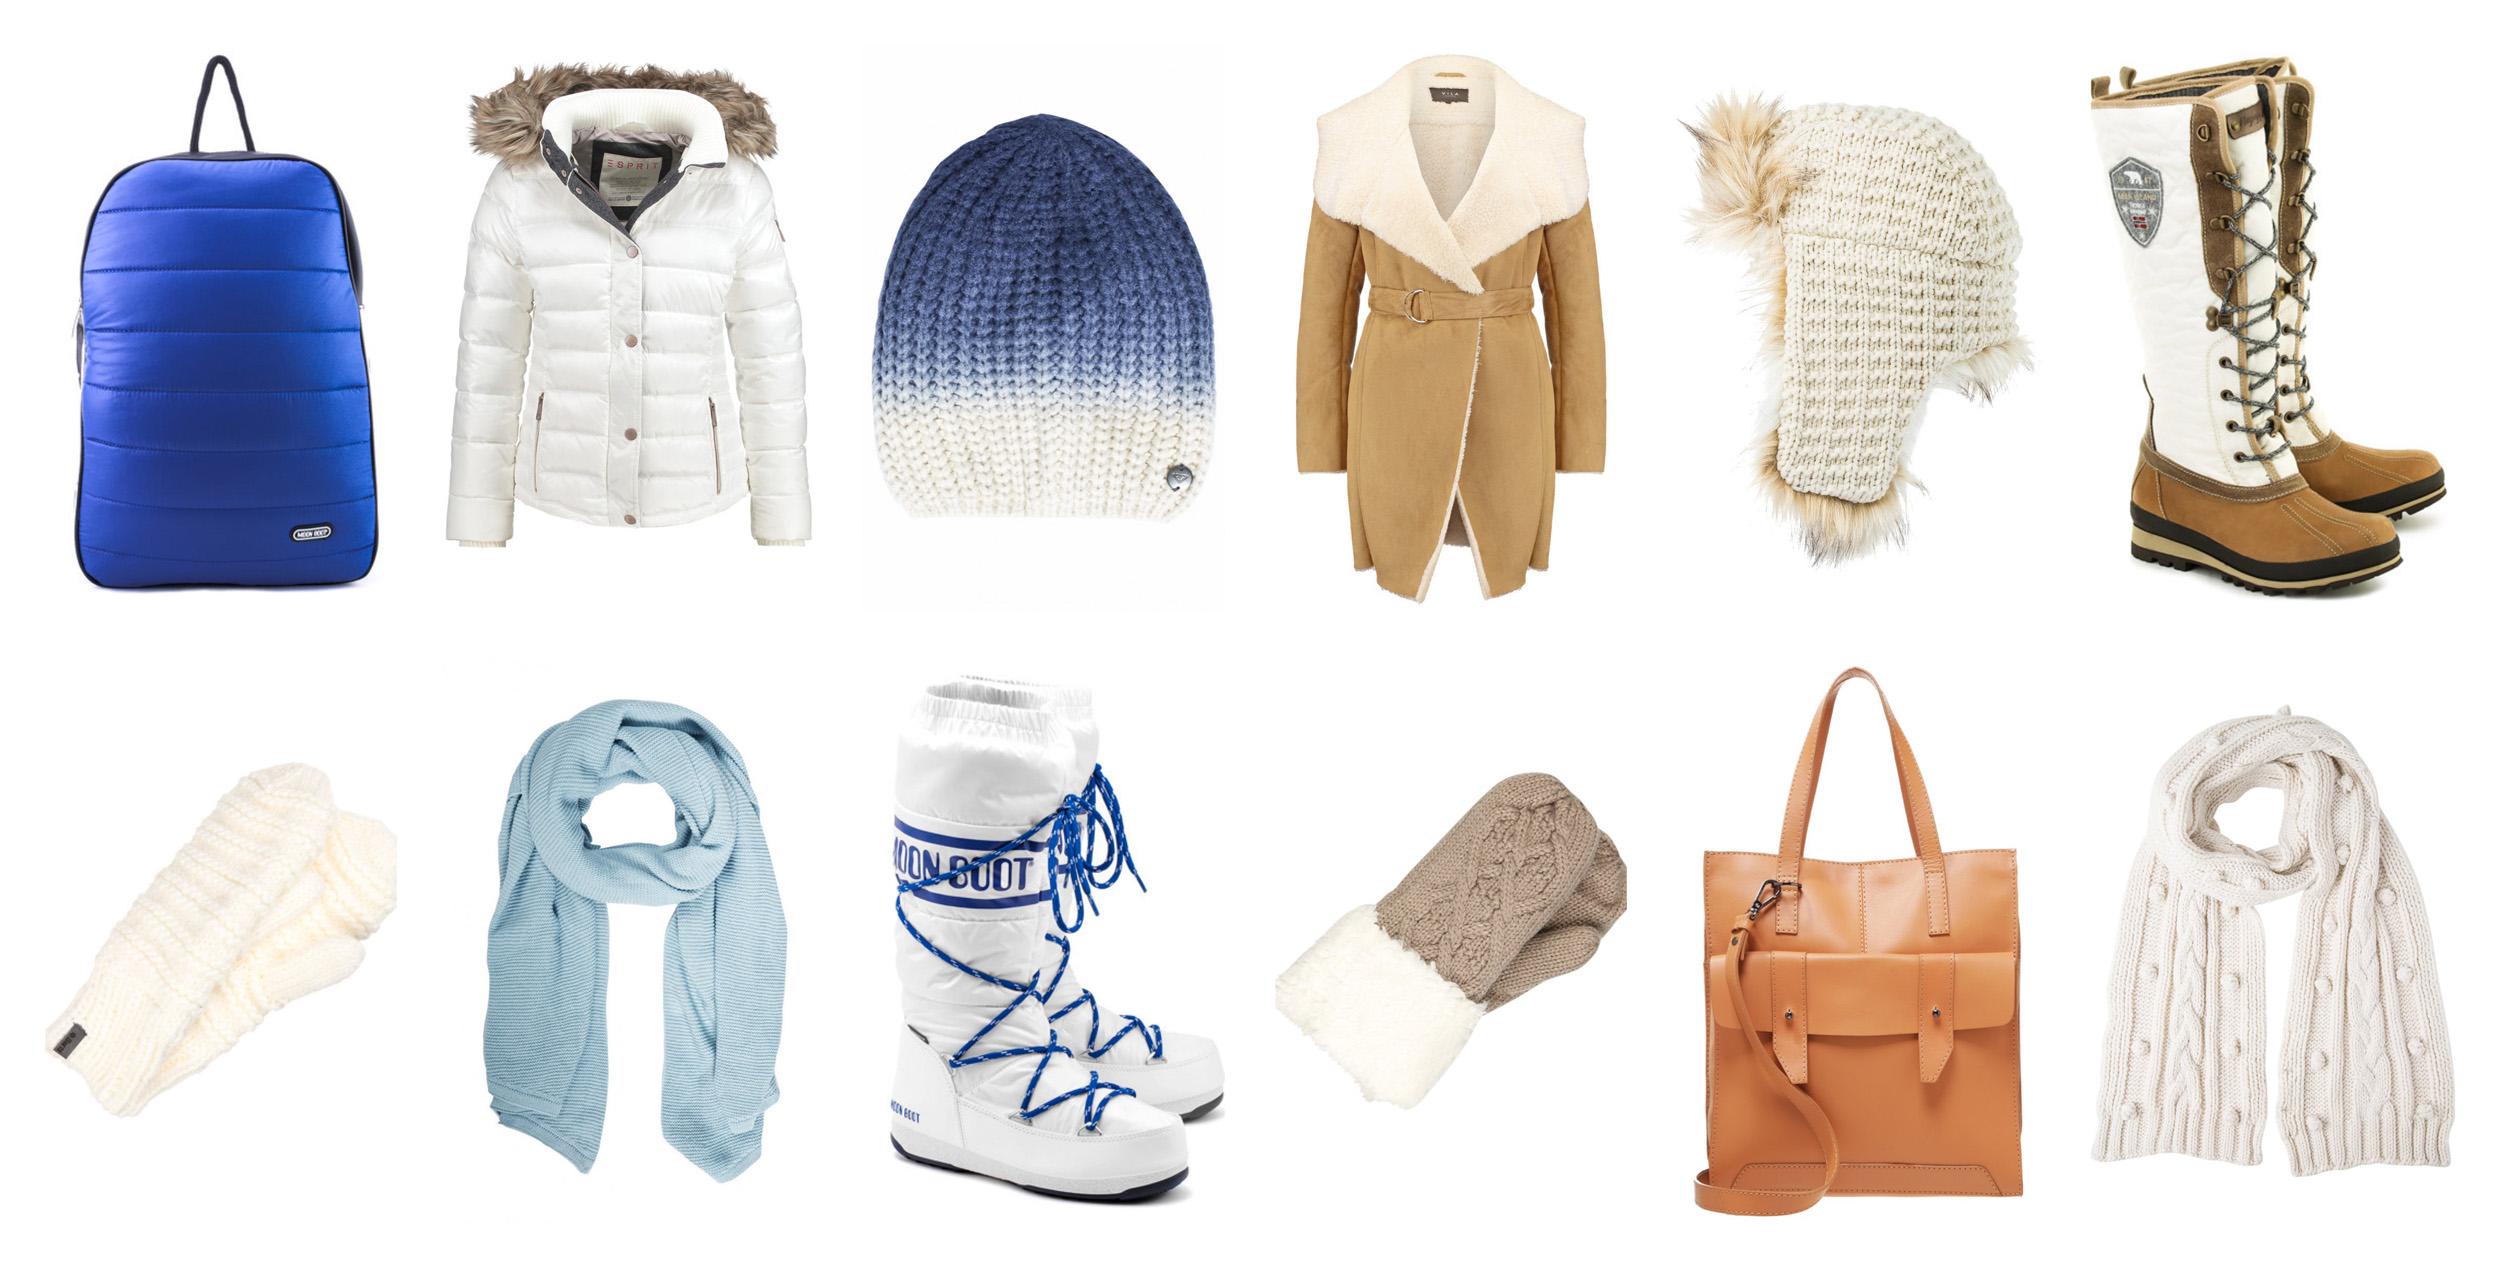 Trzymaj się ciepło! Cztery zestawy na mroźną pogodę i 30% kod rabatowy dla czylelników Lawendowego Domu :)